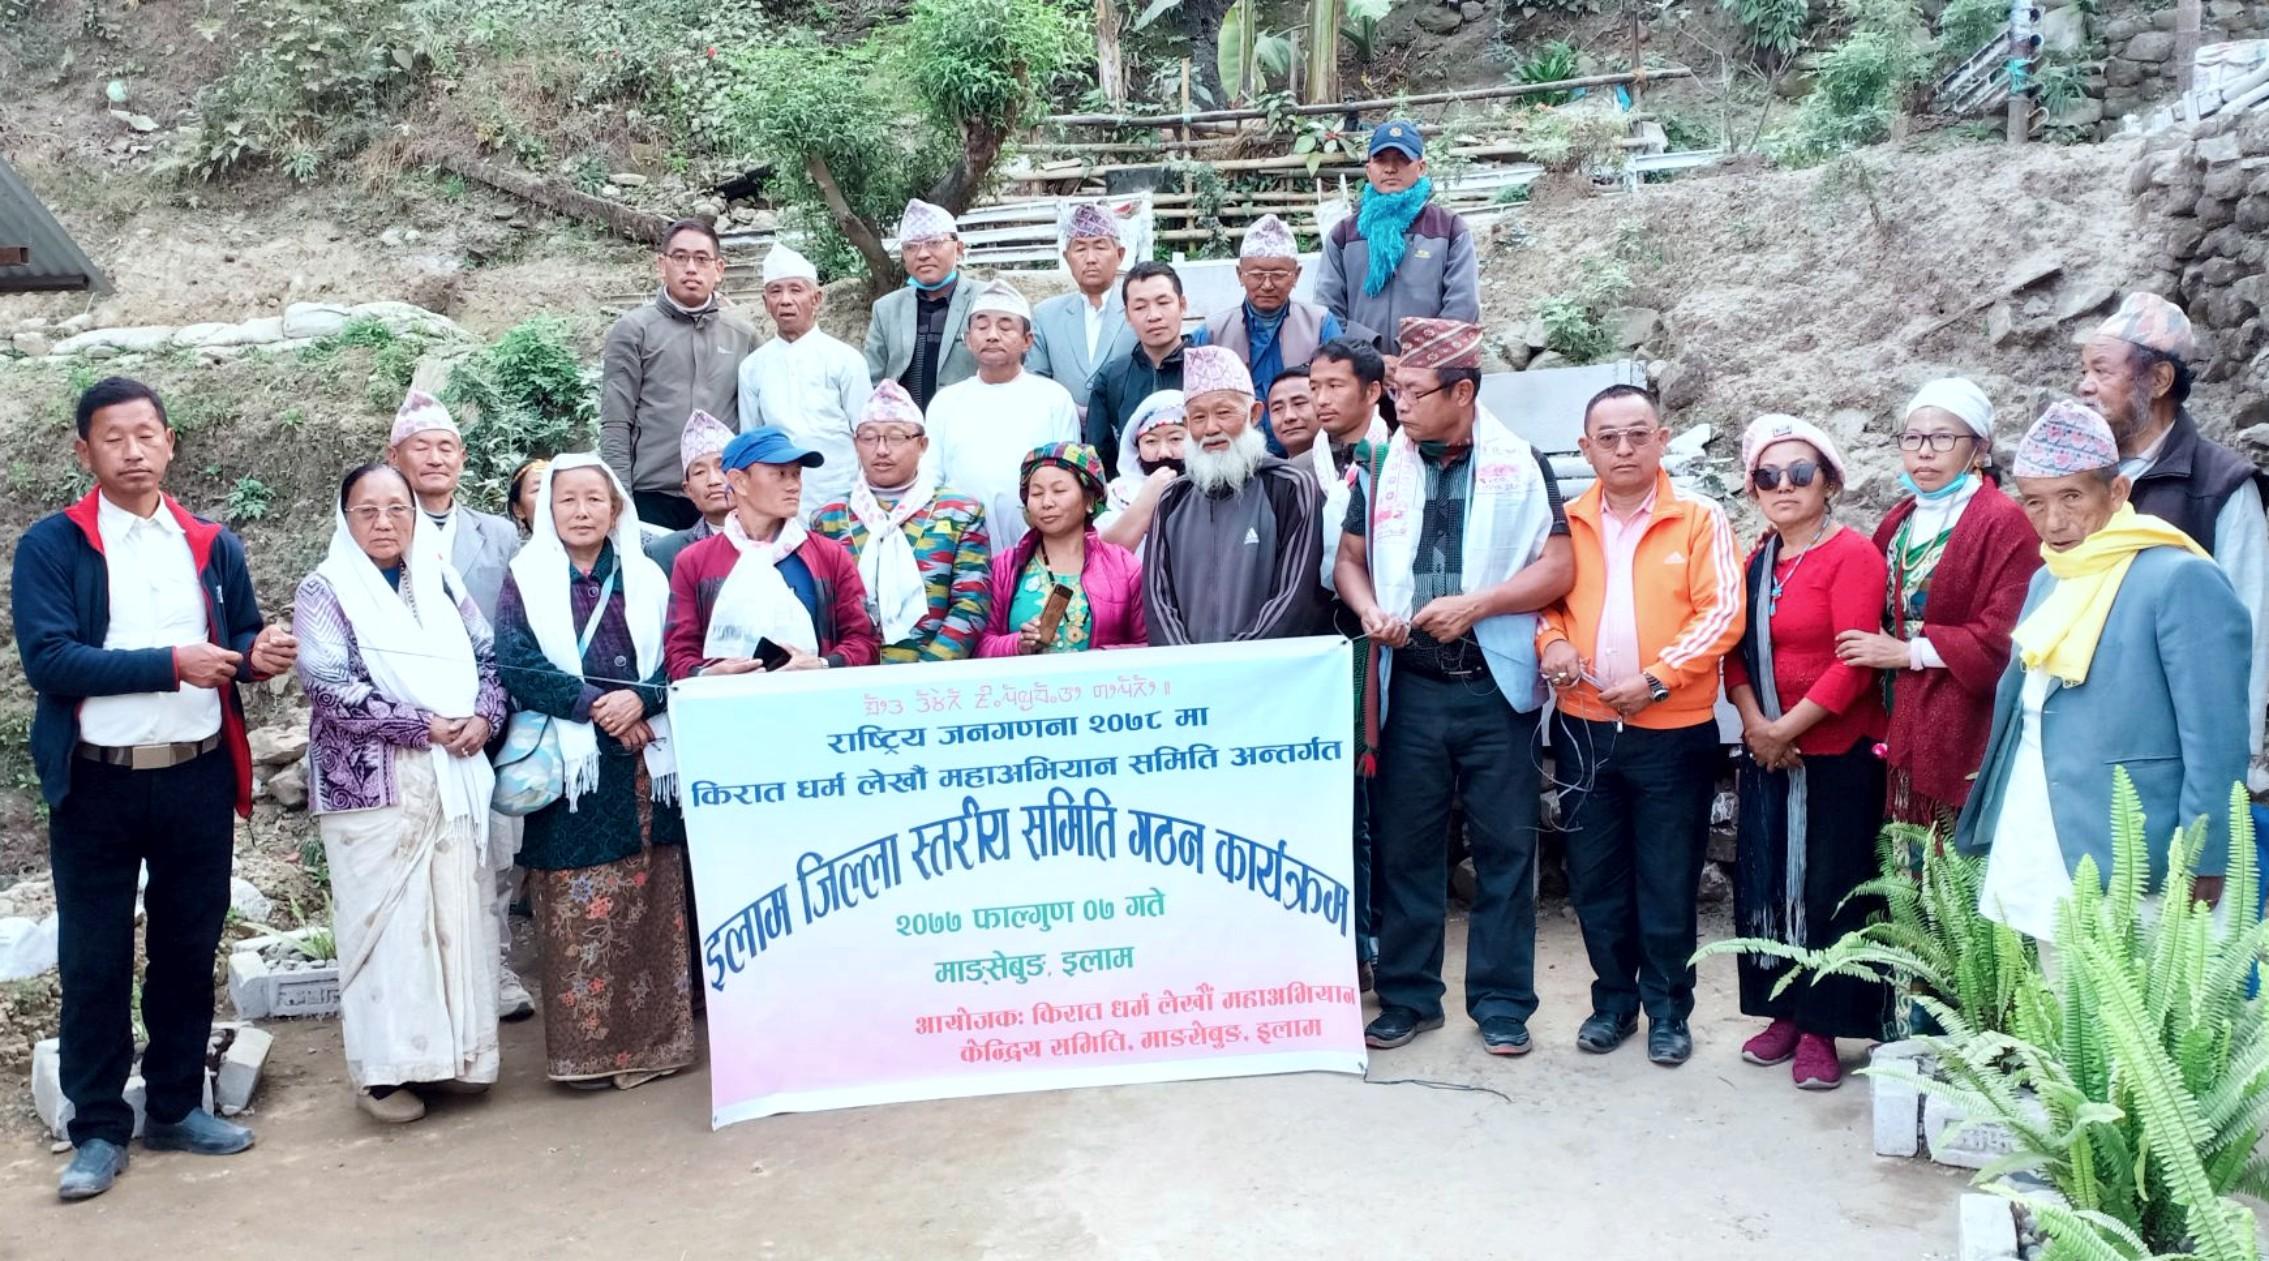 इलाममा किरात धर्म लेखौं अभियान समिति गठन